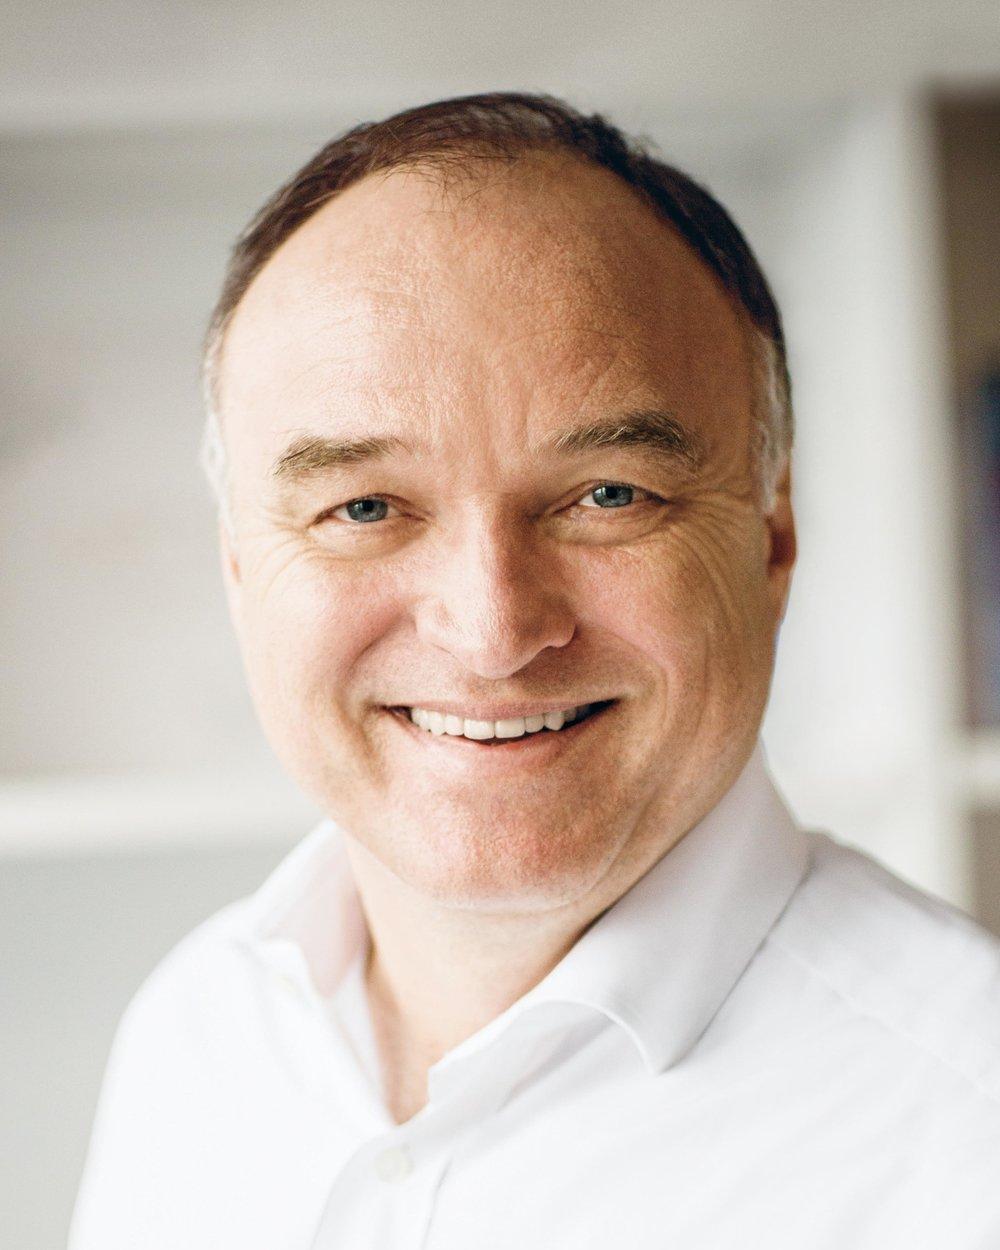 Thomas Ebeling (Investor) CEO at Novartis (1998 - 2008), Supervisory Board Member at Bayer